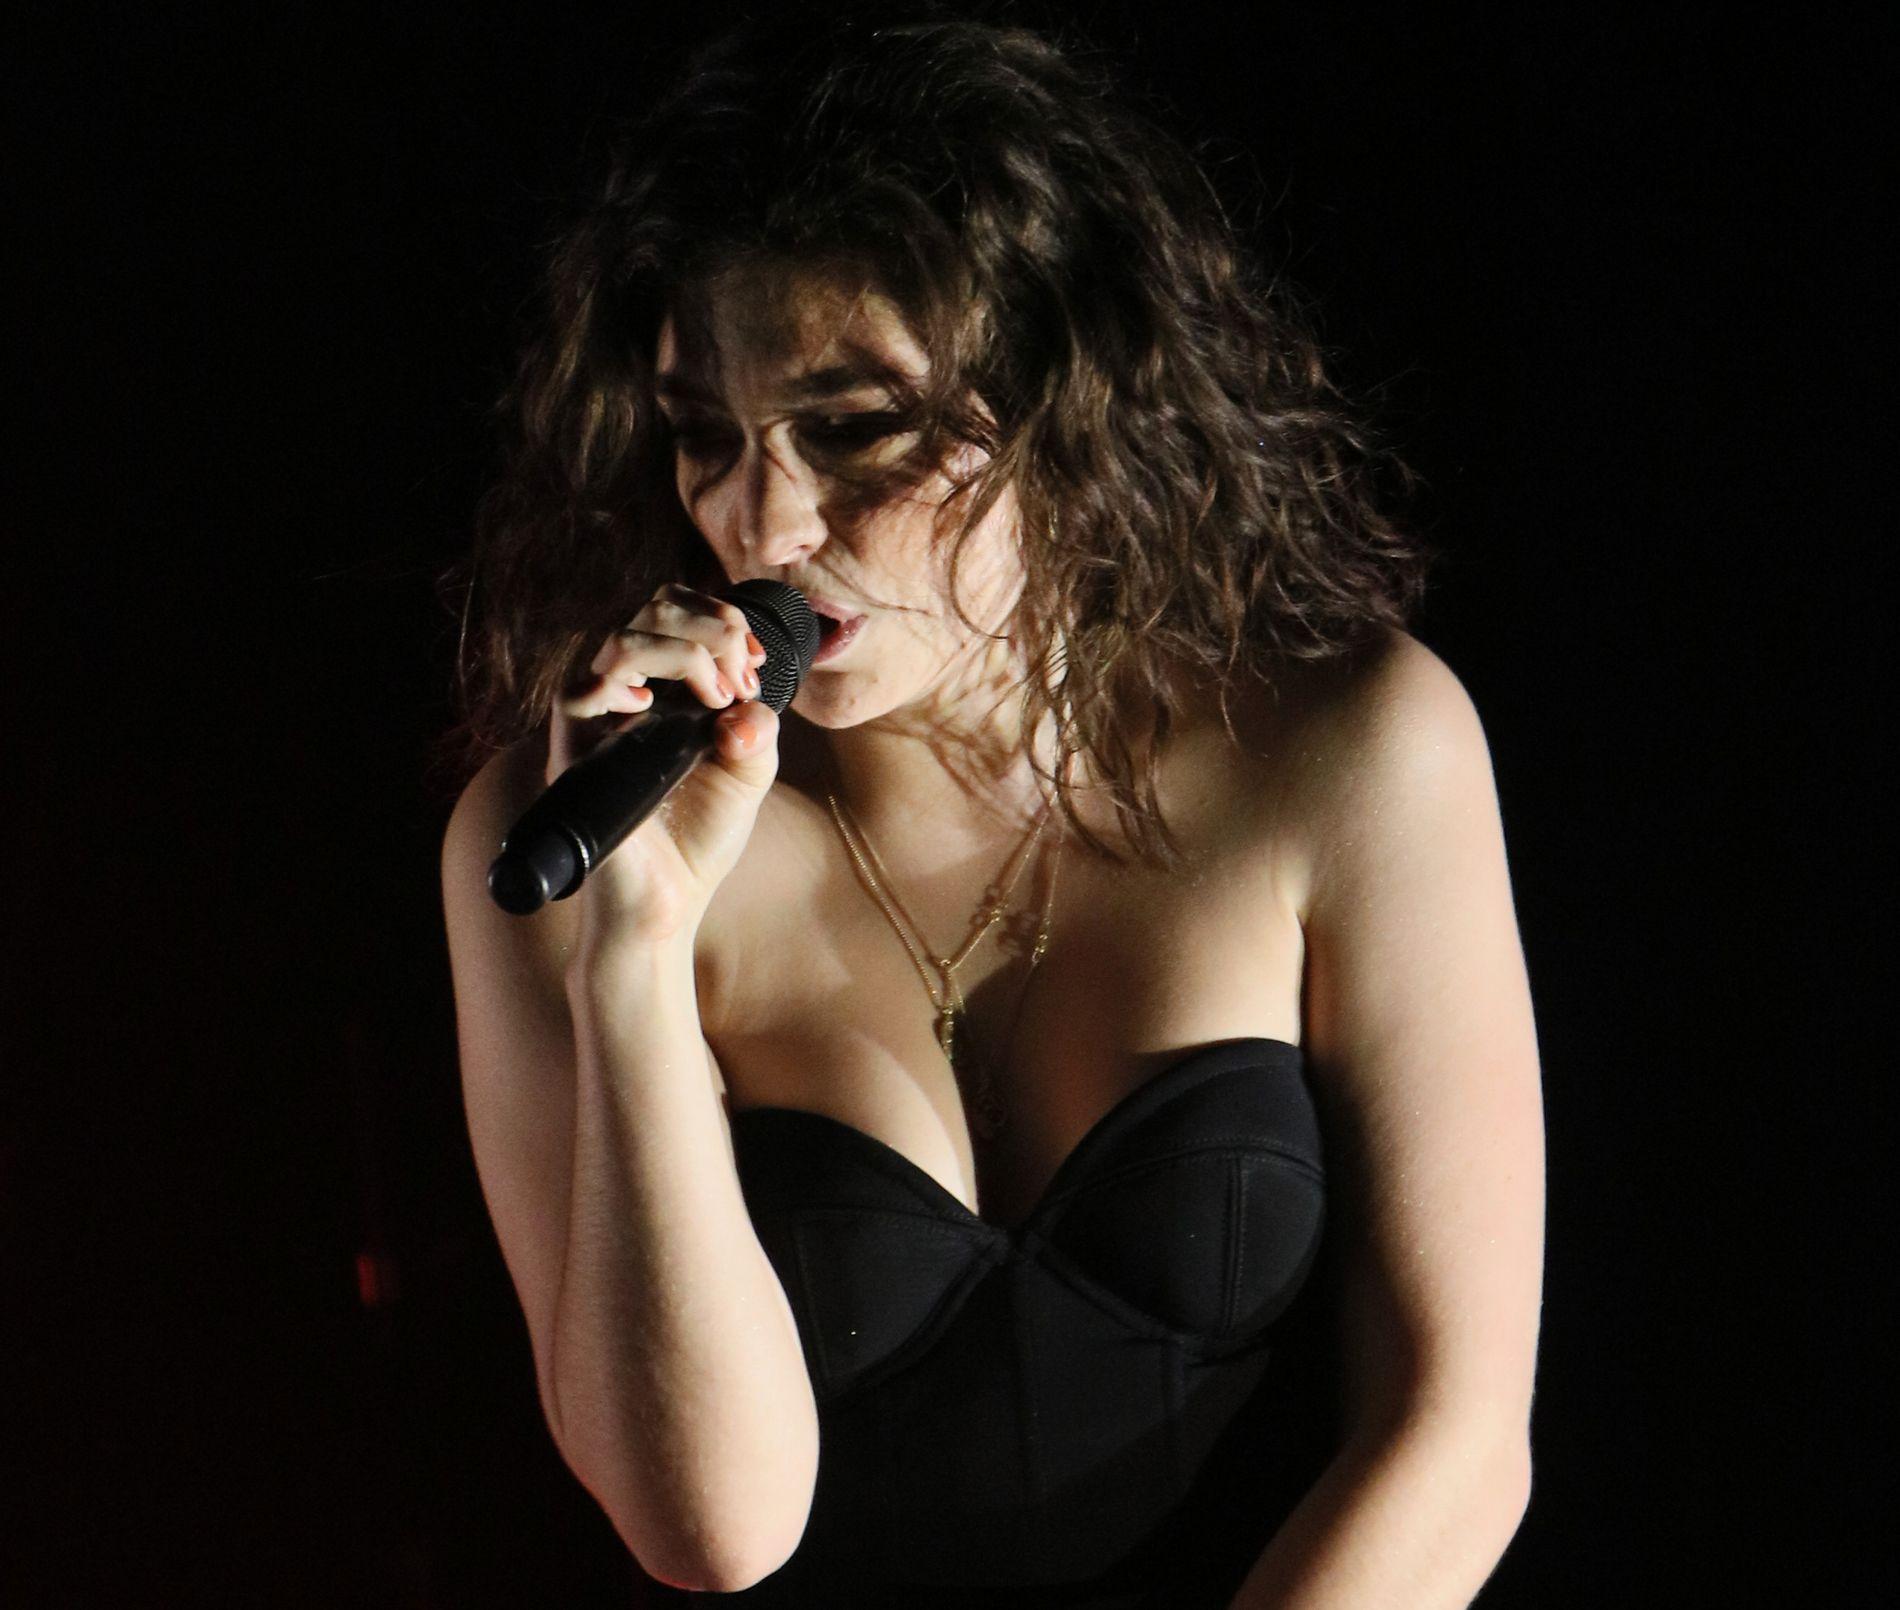 I HARDT VÆR: Lorde. Foto: GETTY IMAGES